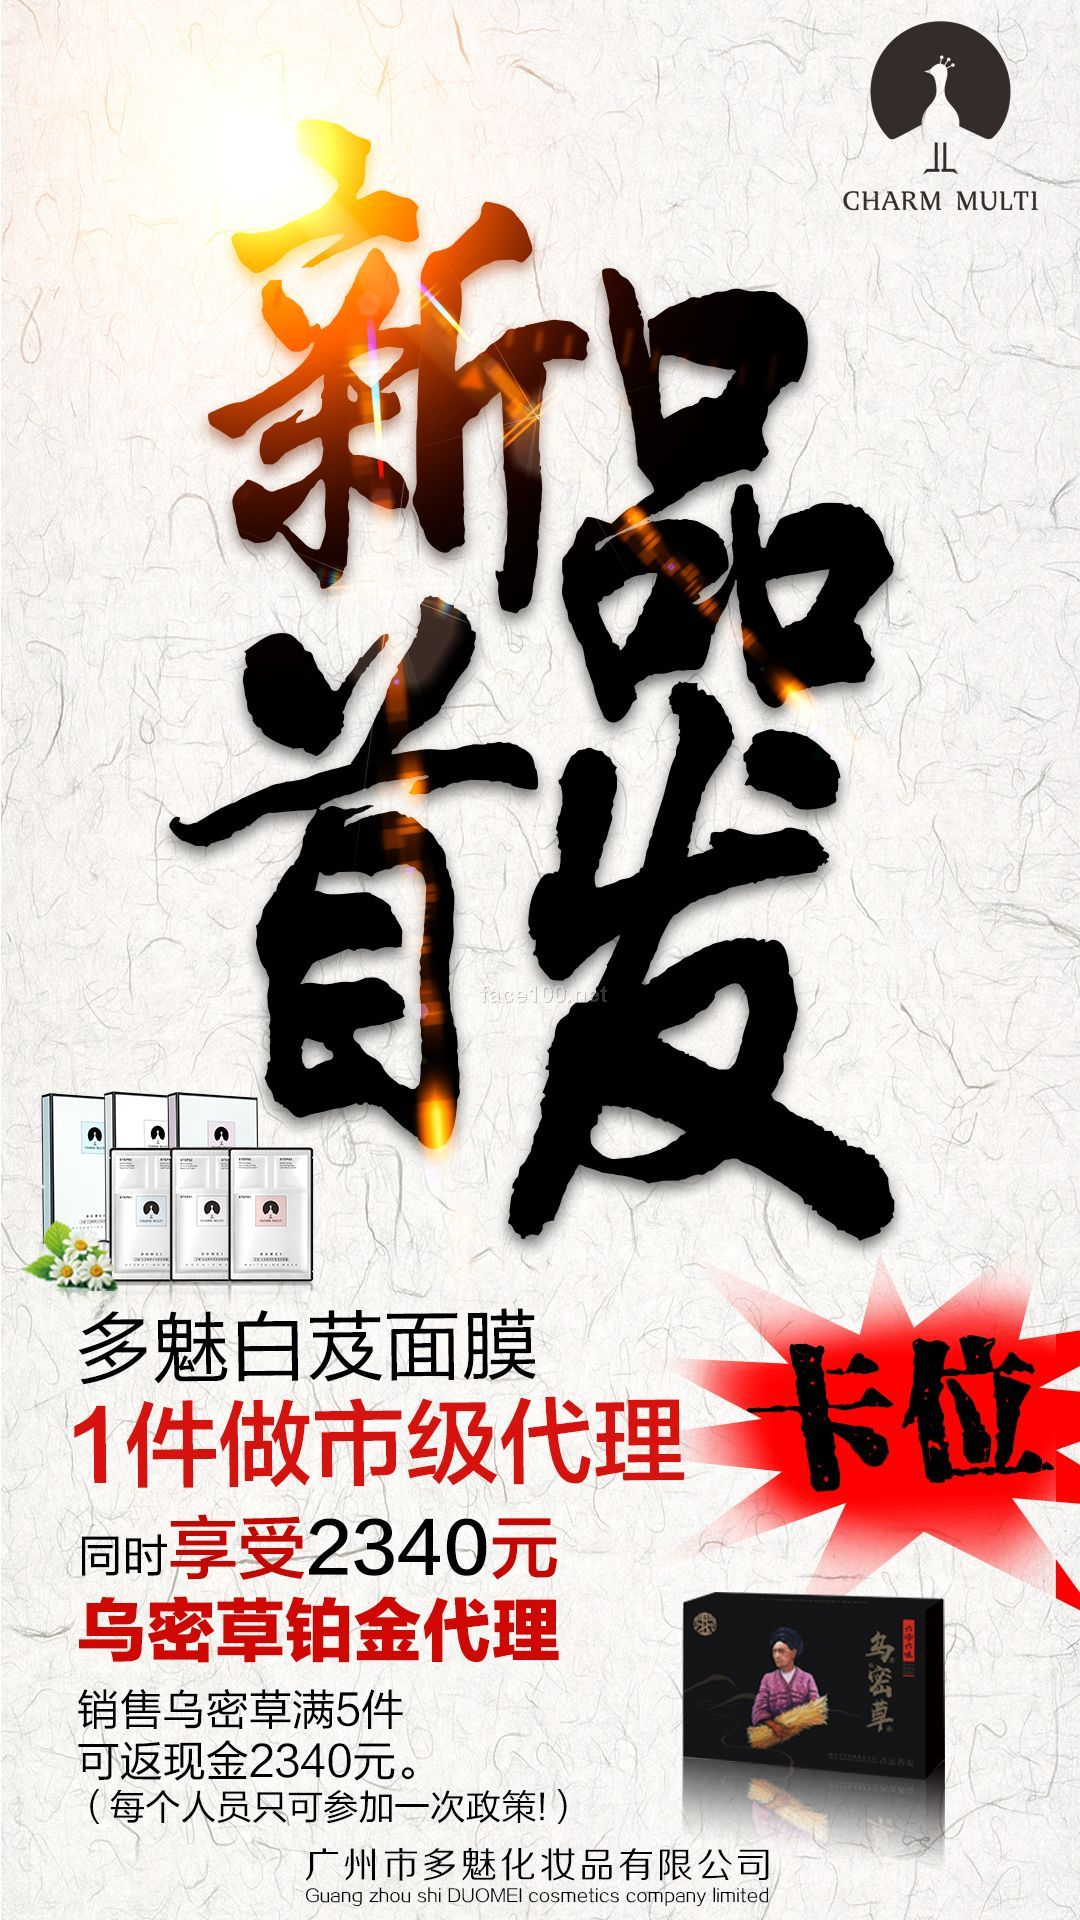 """瑶族养发古方——白发转黑""""六师六味乌密草"""""""